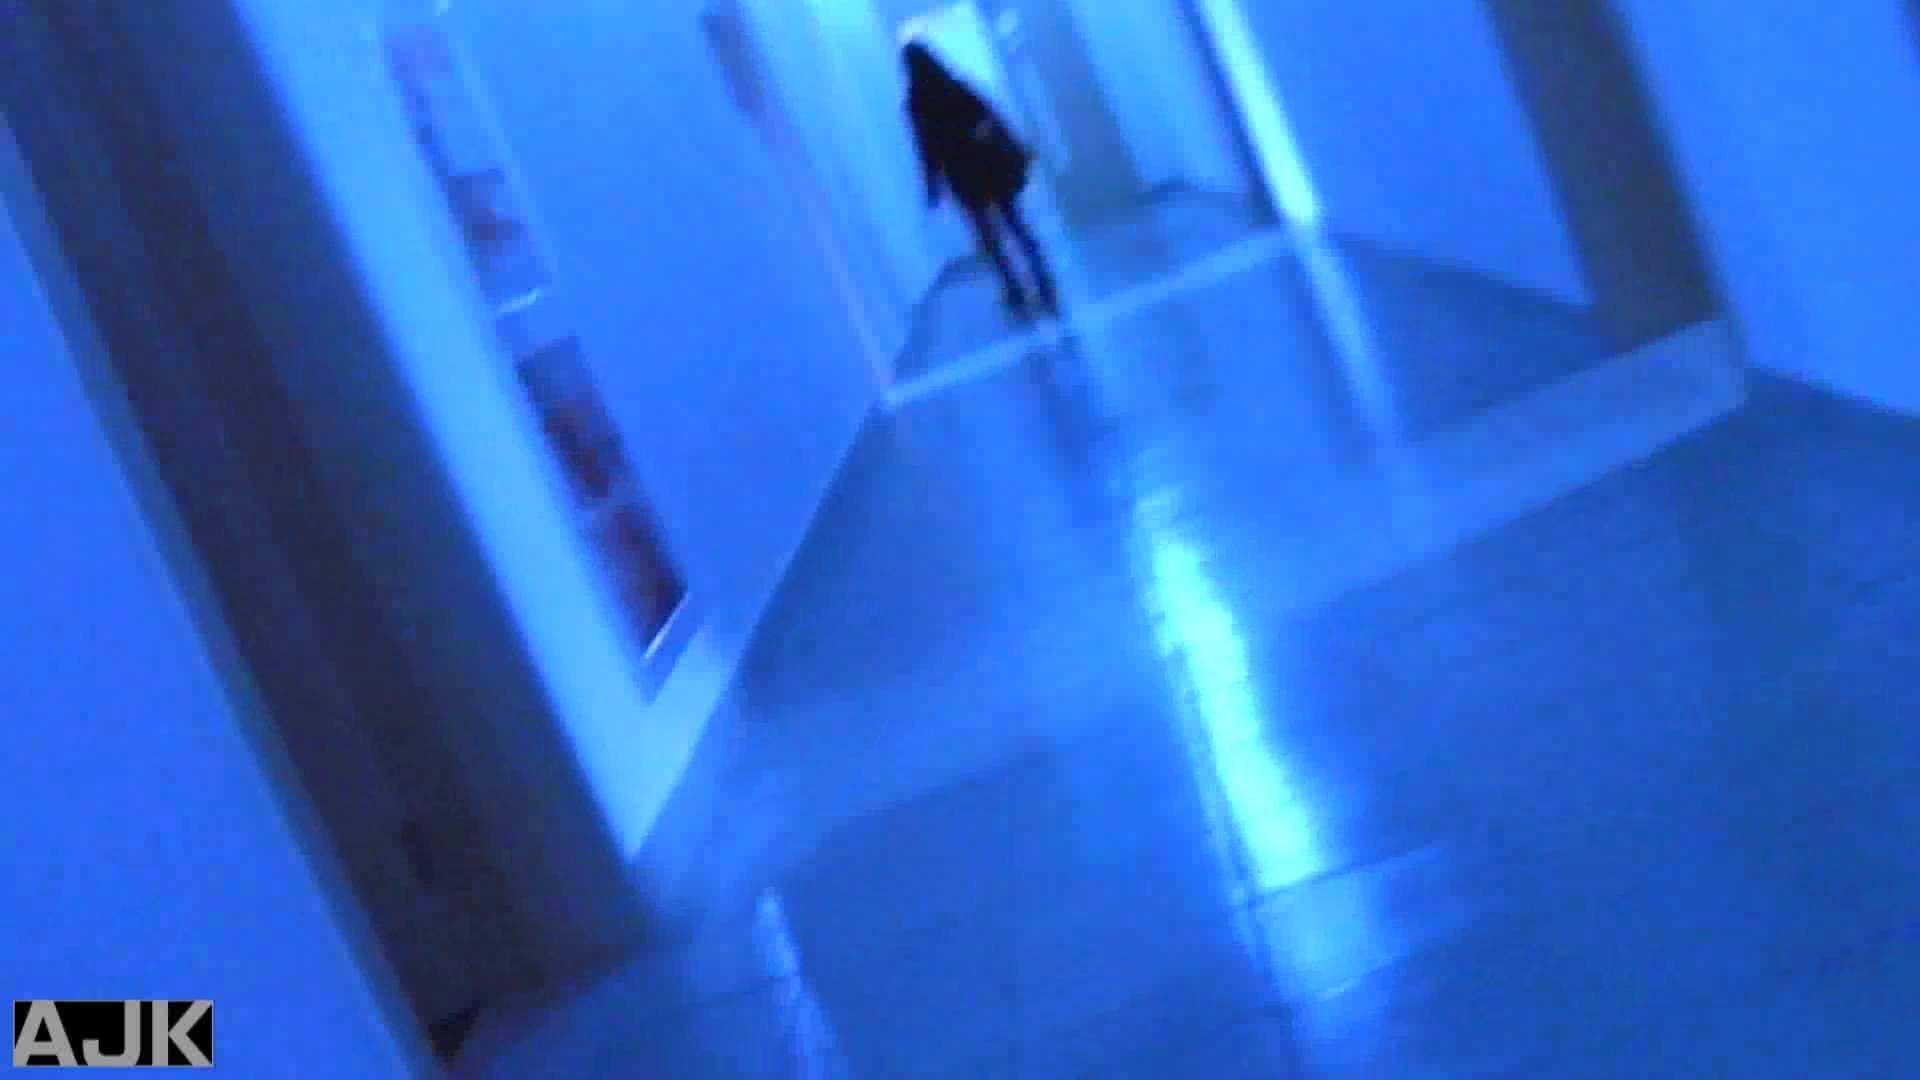 神降臨!史上最強の潜入かわや! vol.07 マンコエロすぎ われめAV動画紹介 83PIX 63